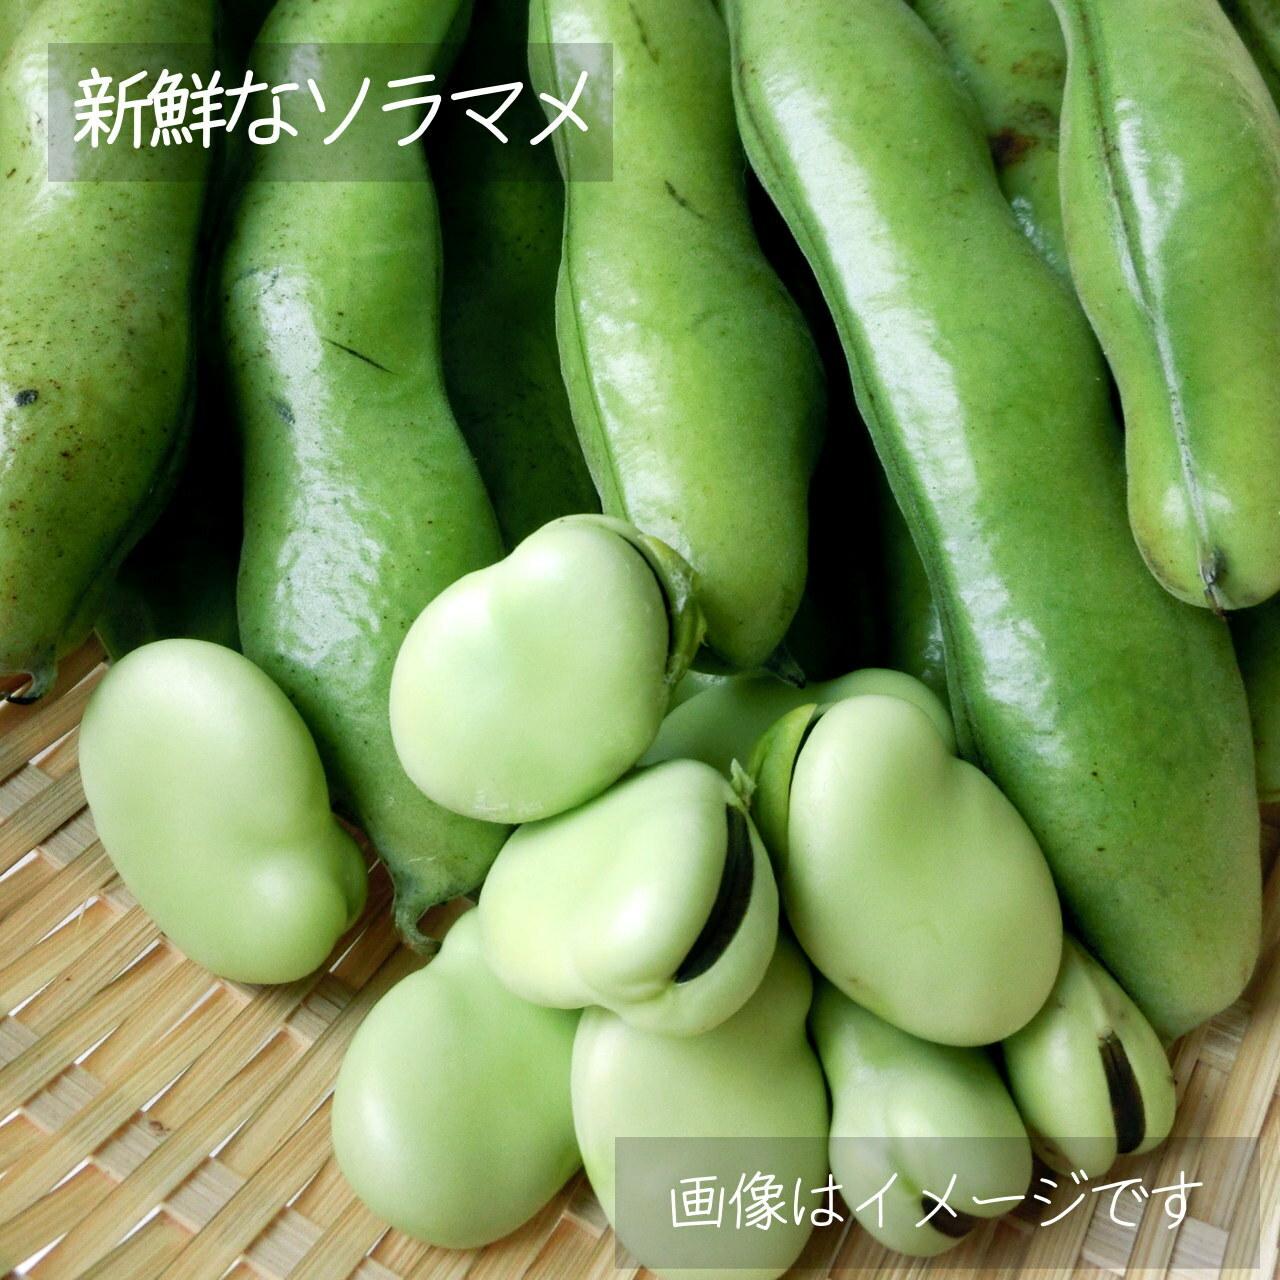 そらまめ 約400g : 6月の朝採り直売野菜 6月15日発送予定